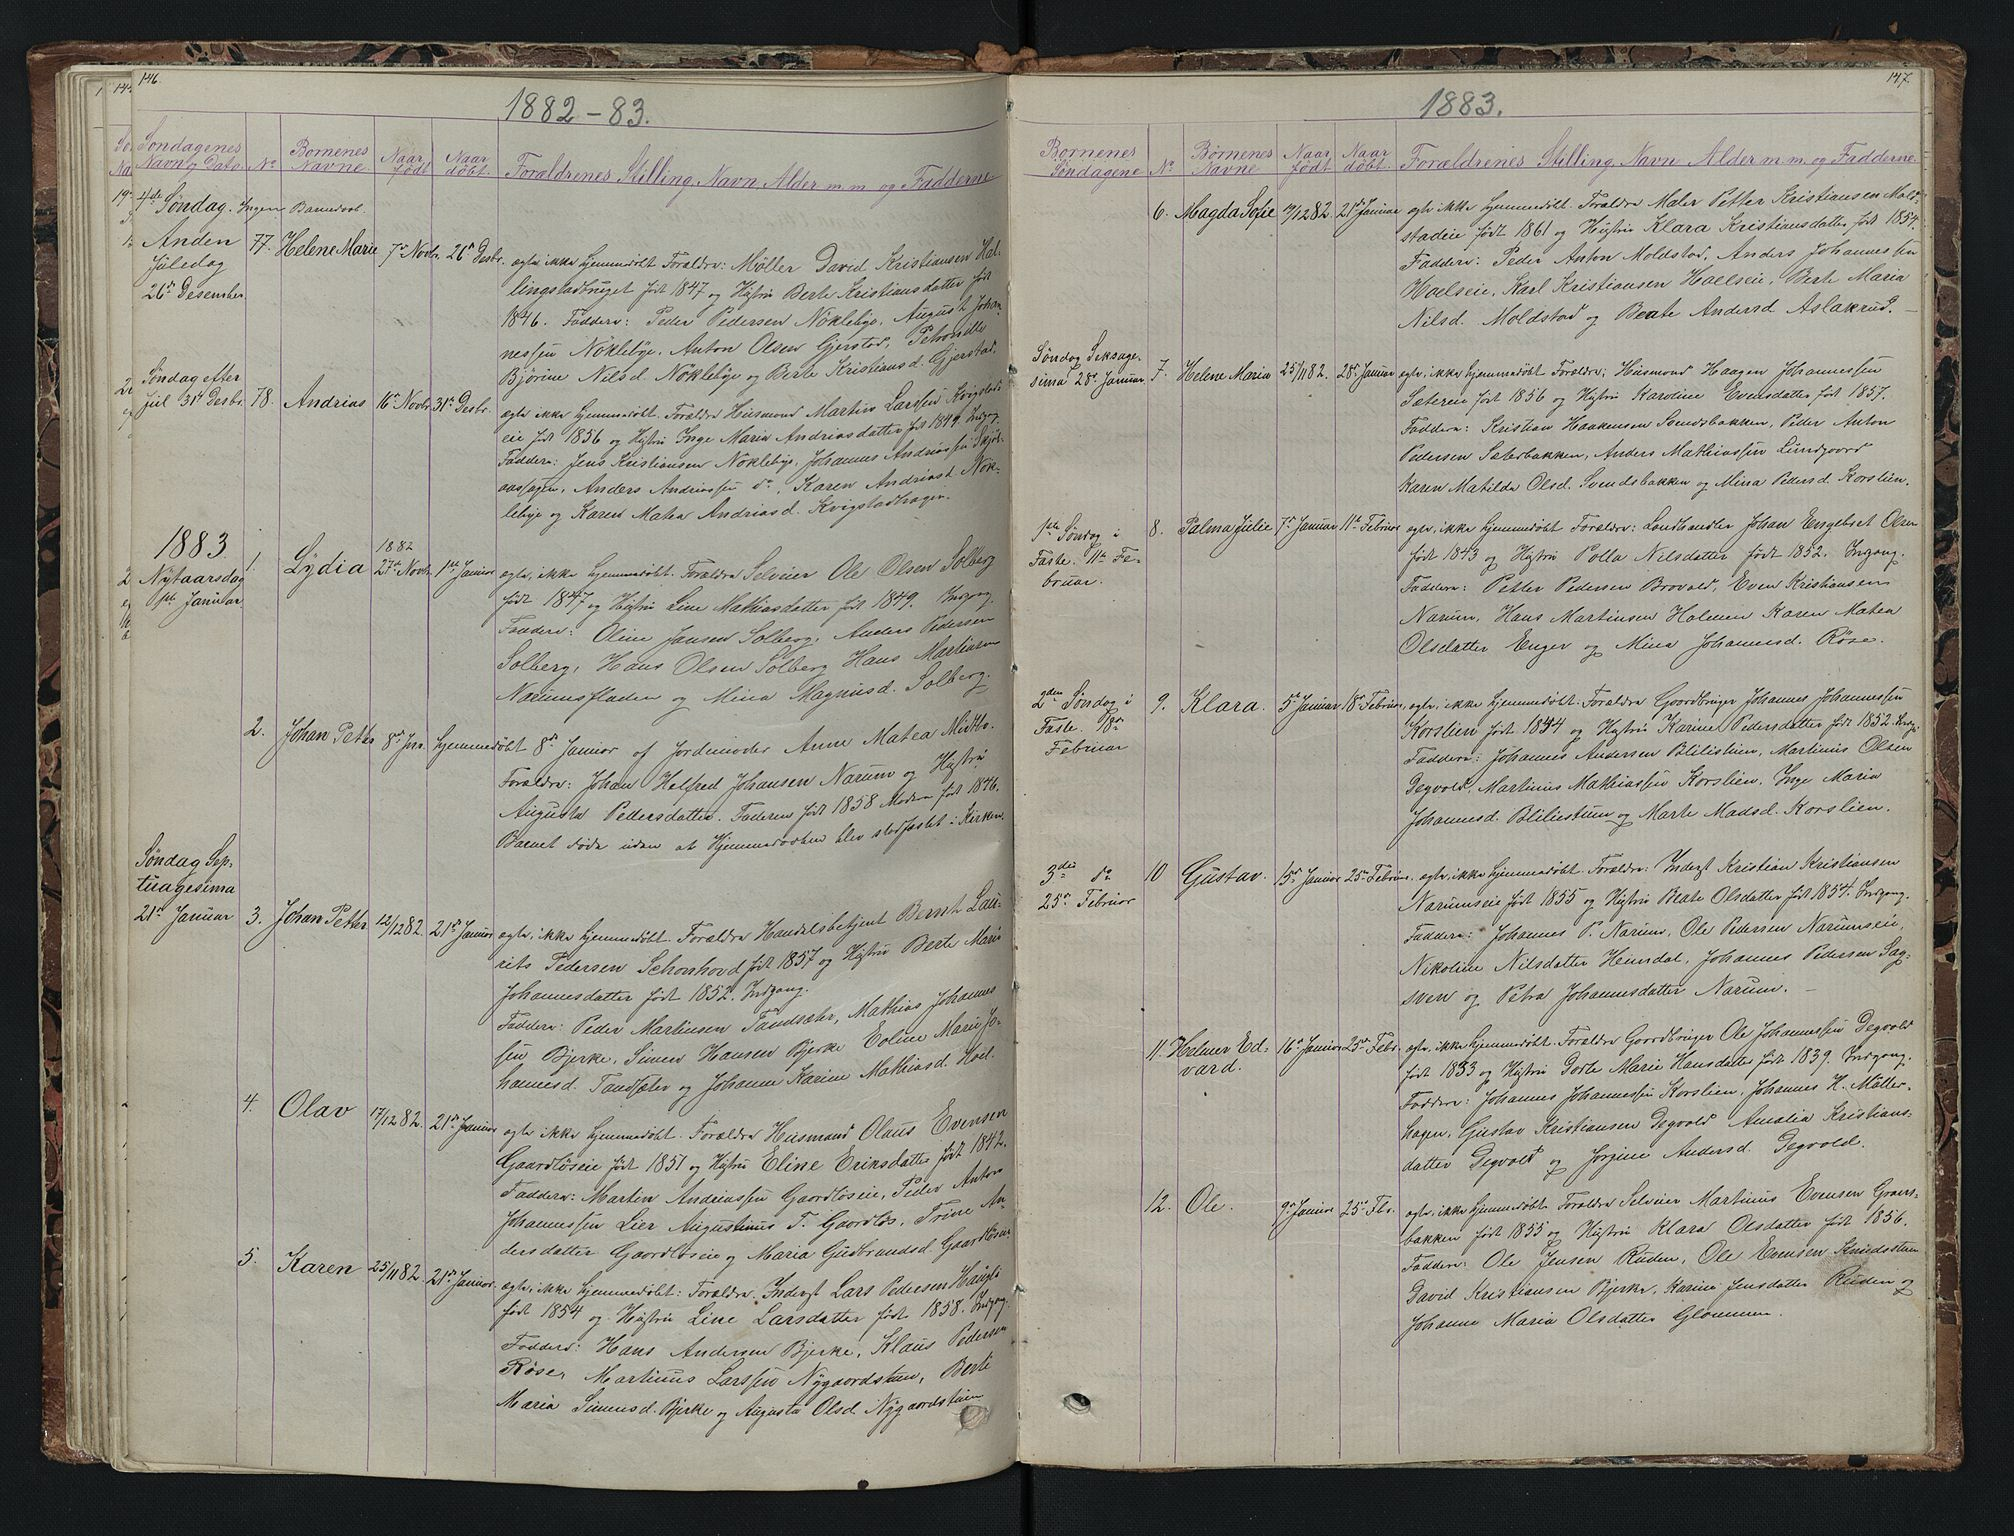 SAH, Vestre Toten prestekontor, H/Ha/Hab/L0007: Klokkerbok nr. 7, 1872-1900, s. 146-147